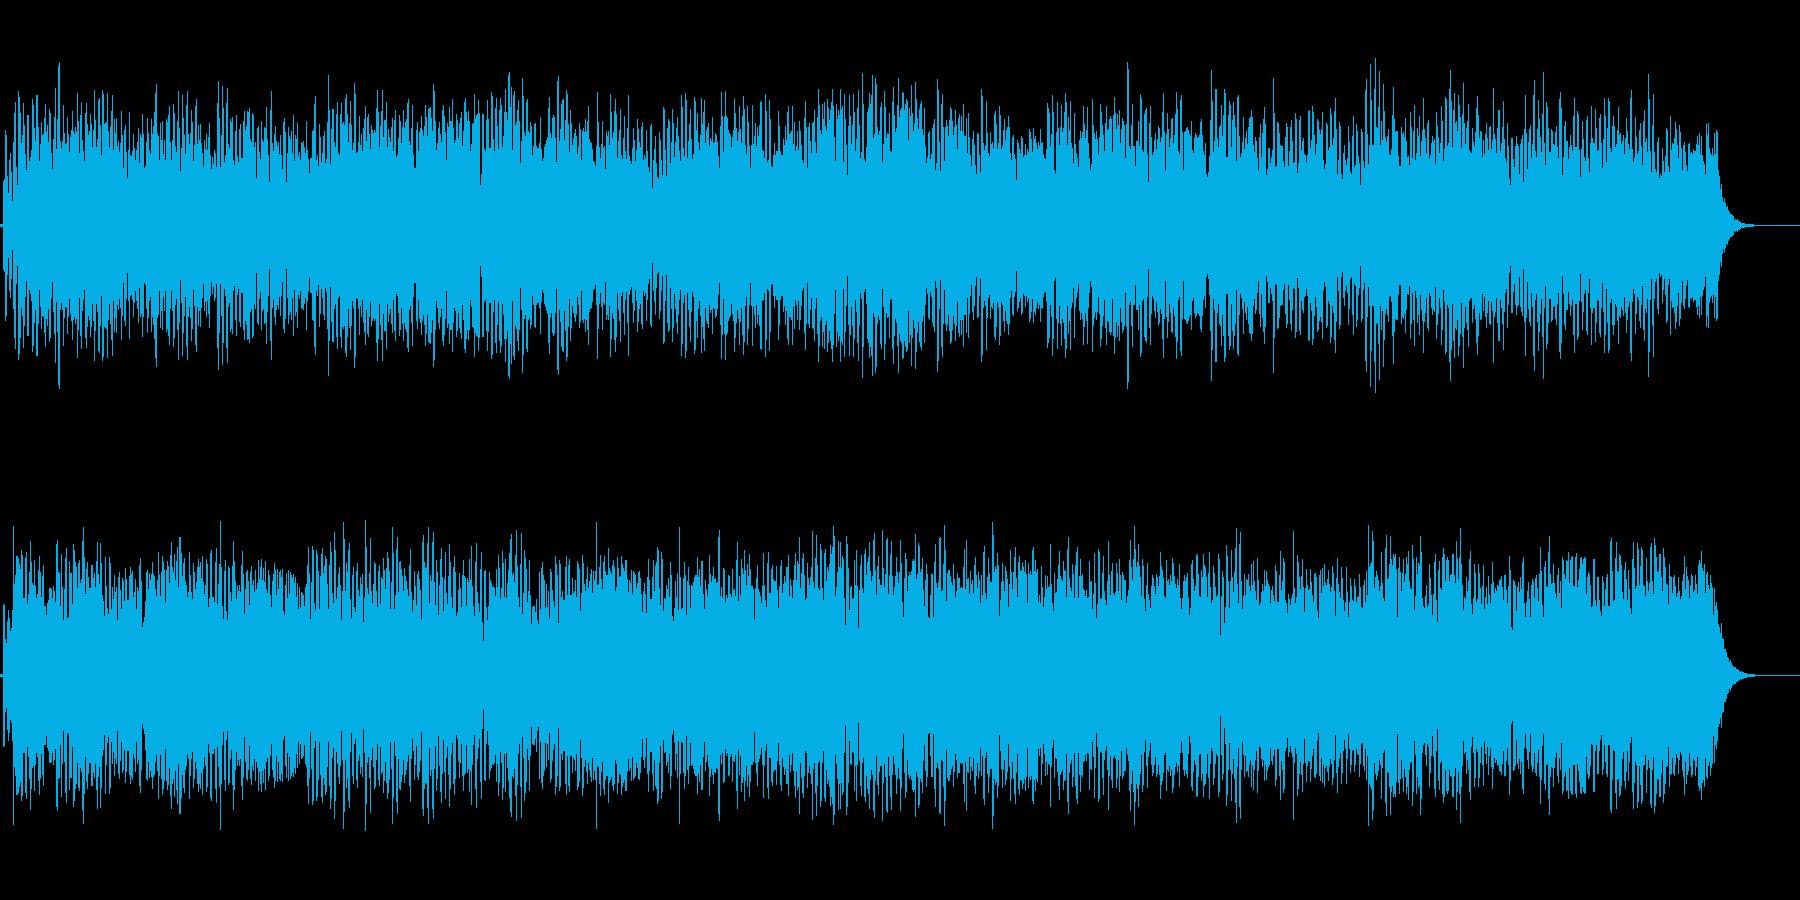 静かな夜のBGMの再生済みの波形